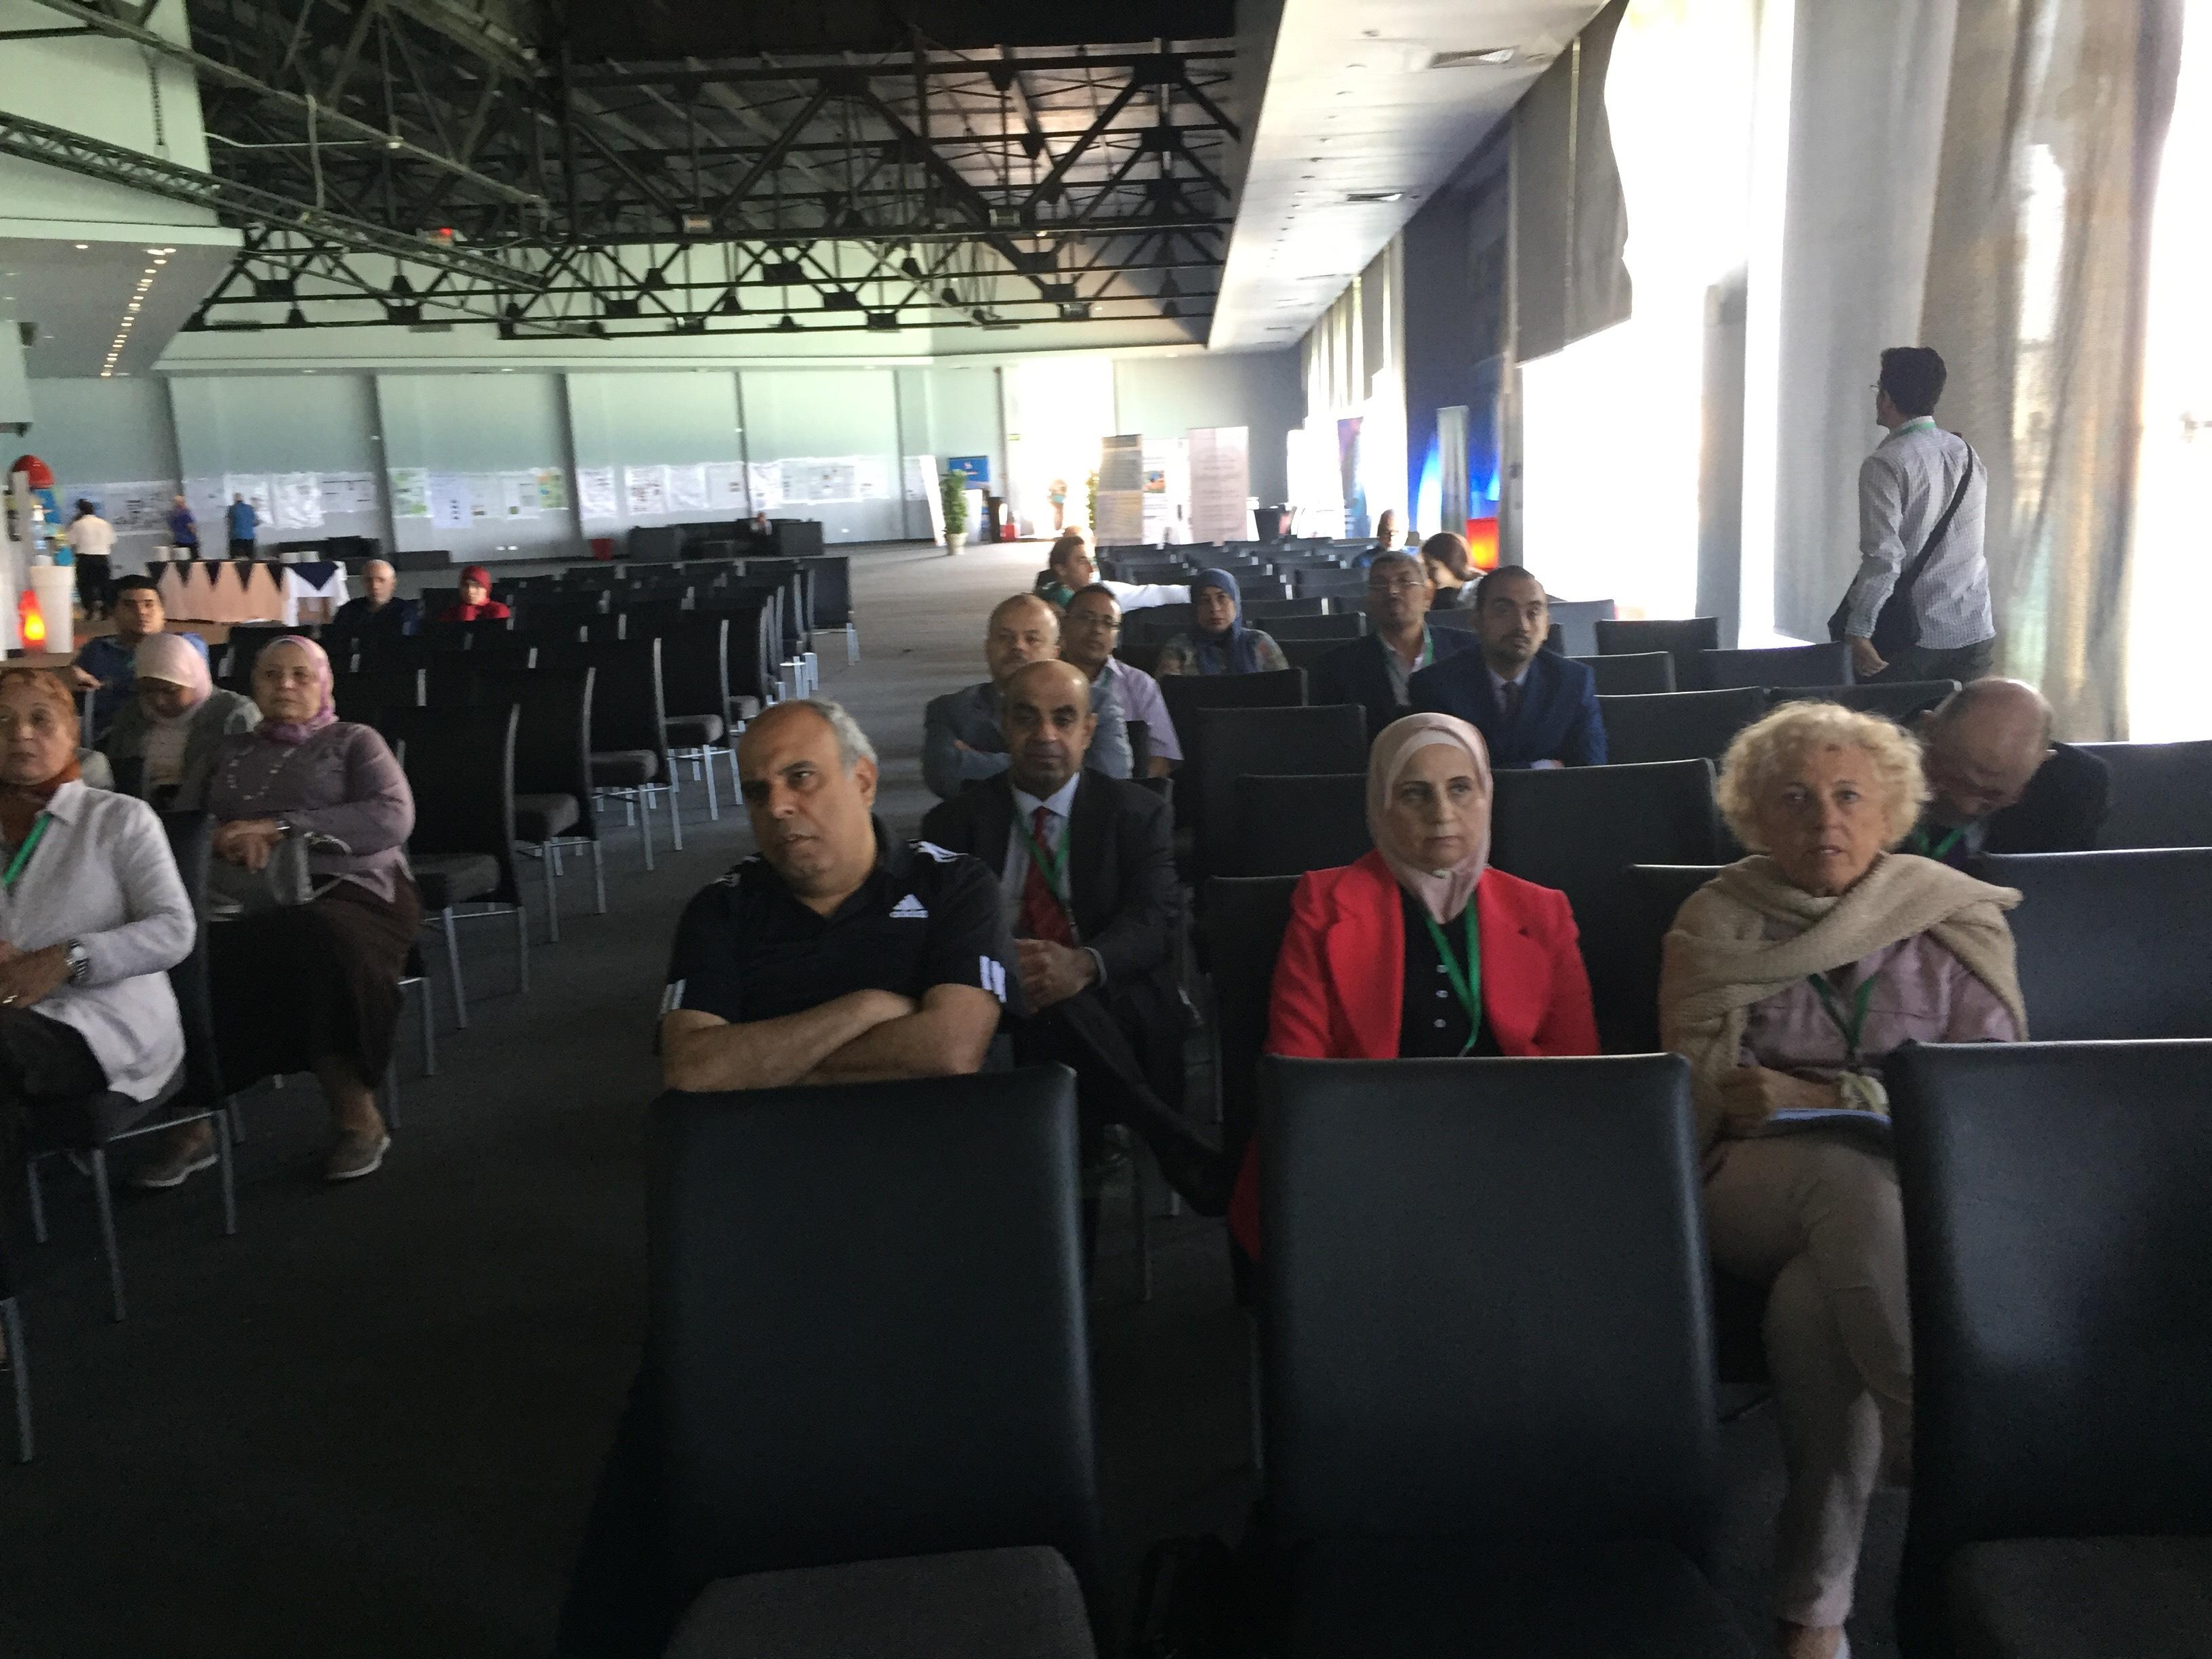 المؤتمر الدولى العاشر لتكنولوجيا النانو (2)